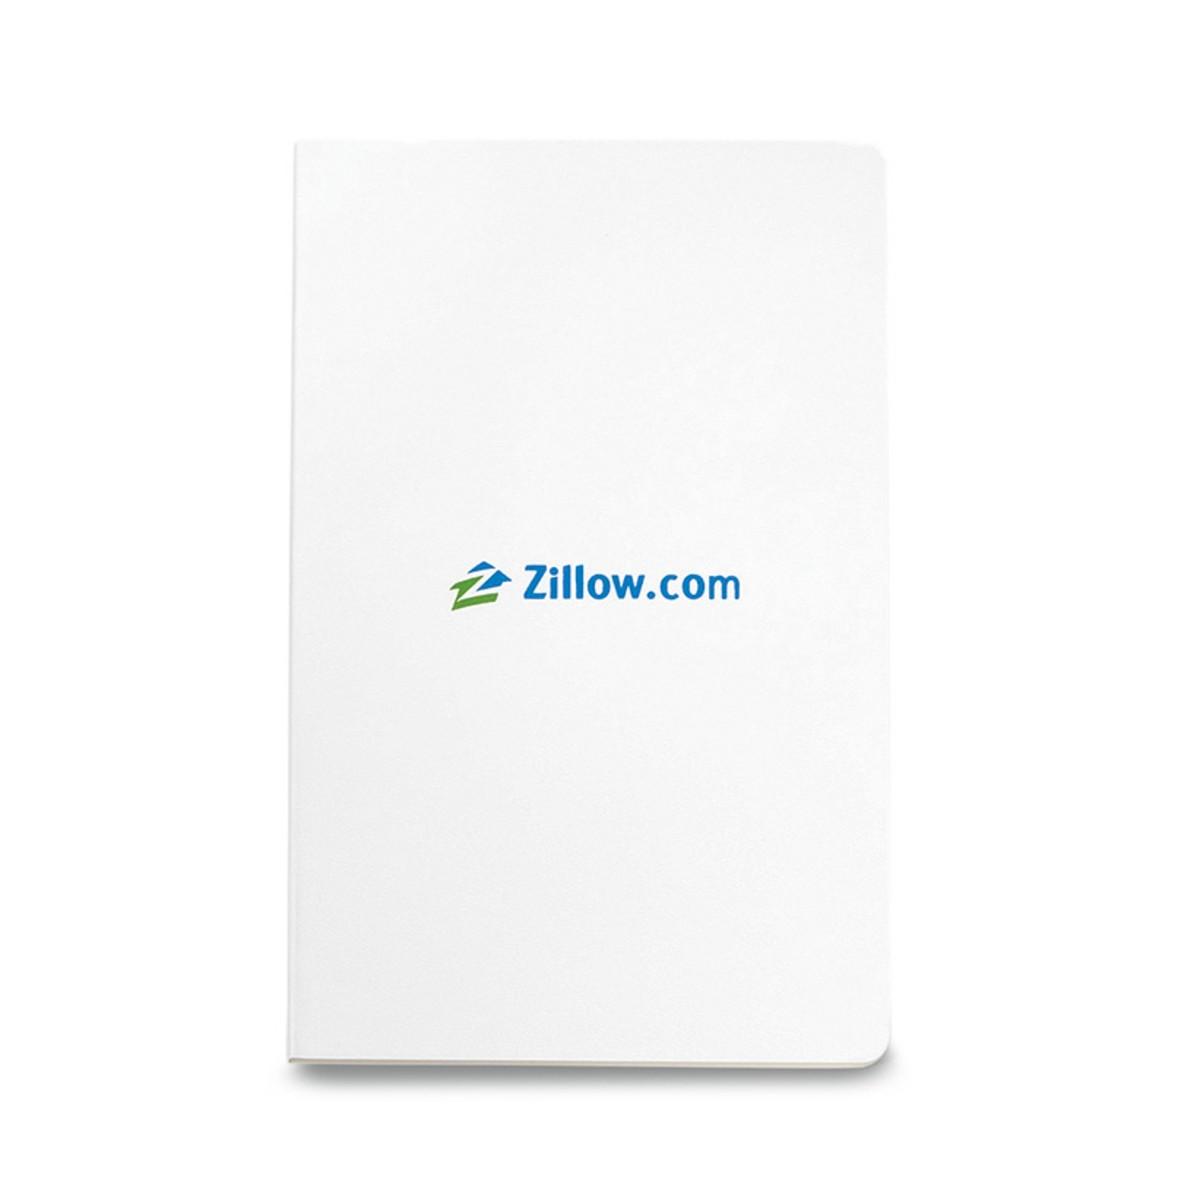 Moleskine® Volant Ruled Large Journal White